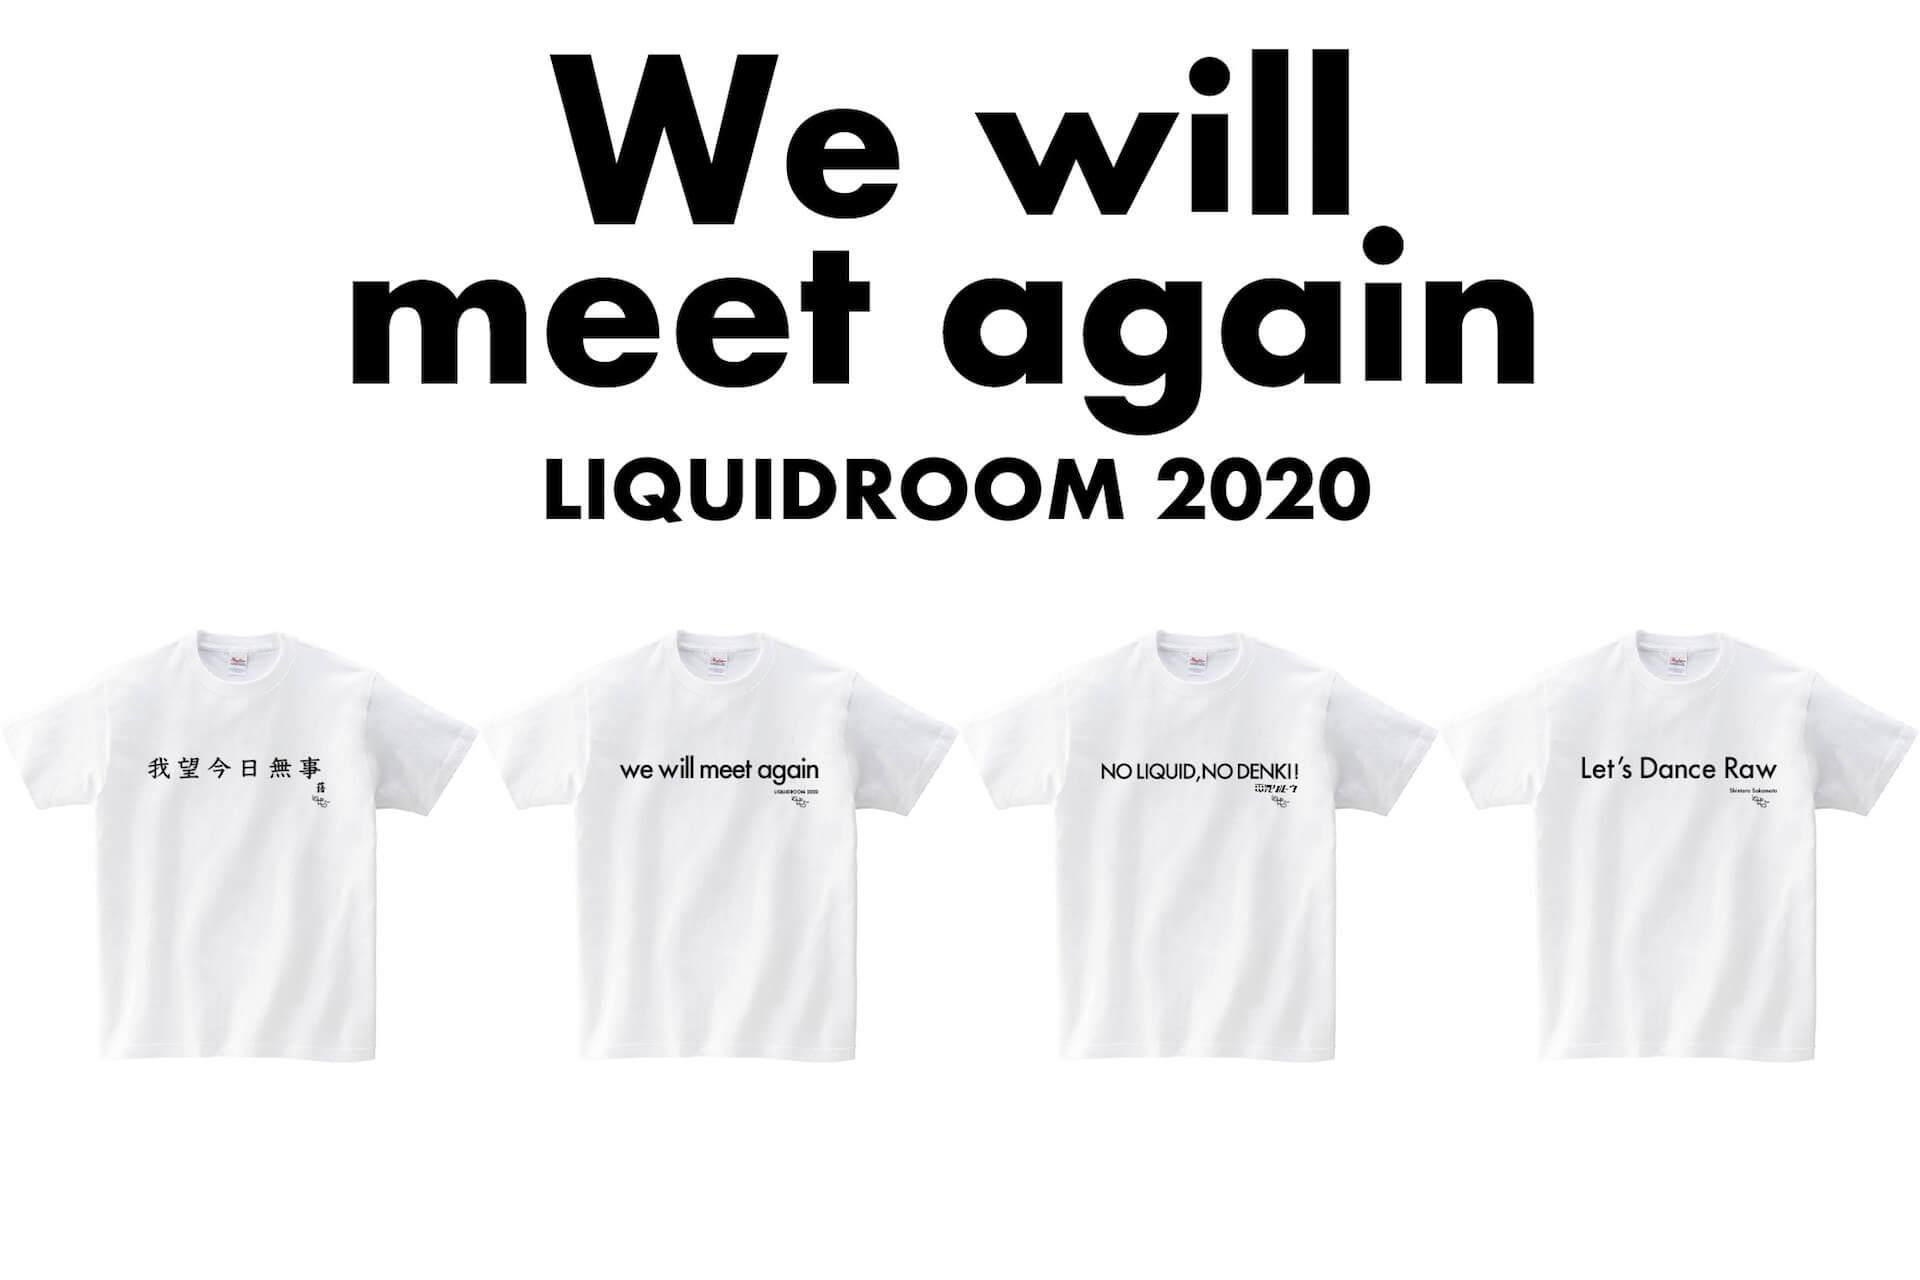 LIQUIDROOMとアーティストによるこの2020年を刻むドネーションT-shirtsシリーズに、THA BLUE HERBが参加決定!受注販売開始!! music200508-liquidroom-tha-blue-herb-2